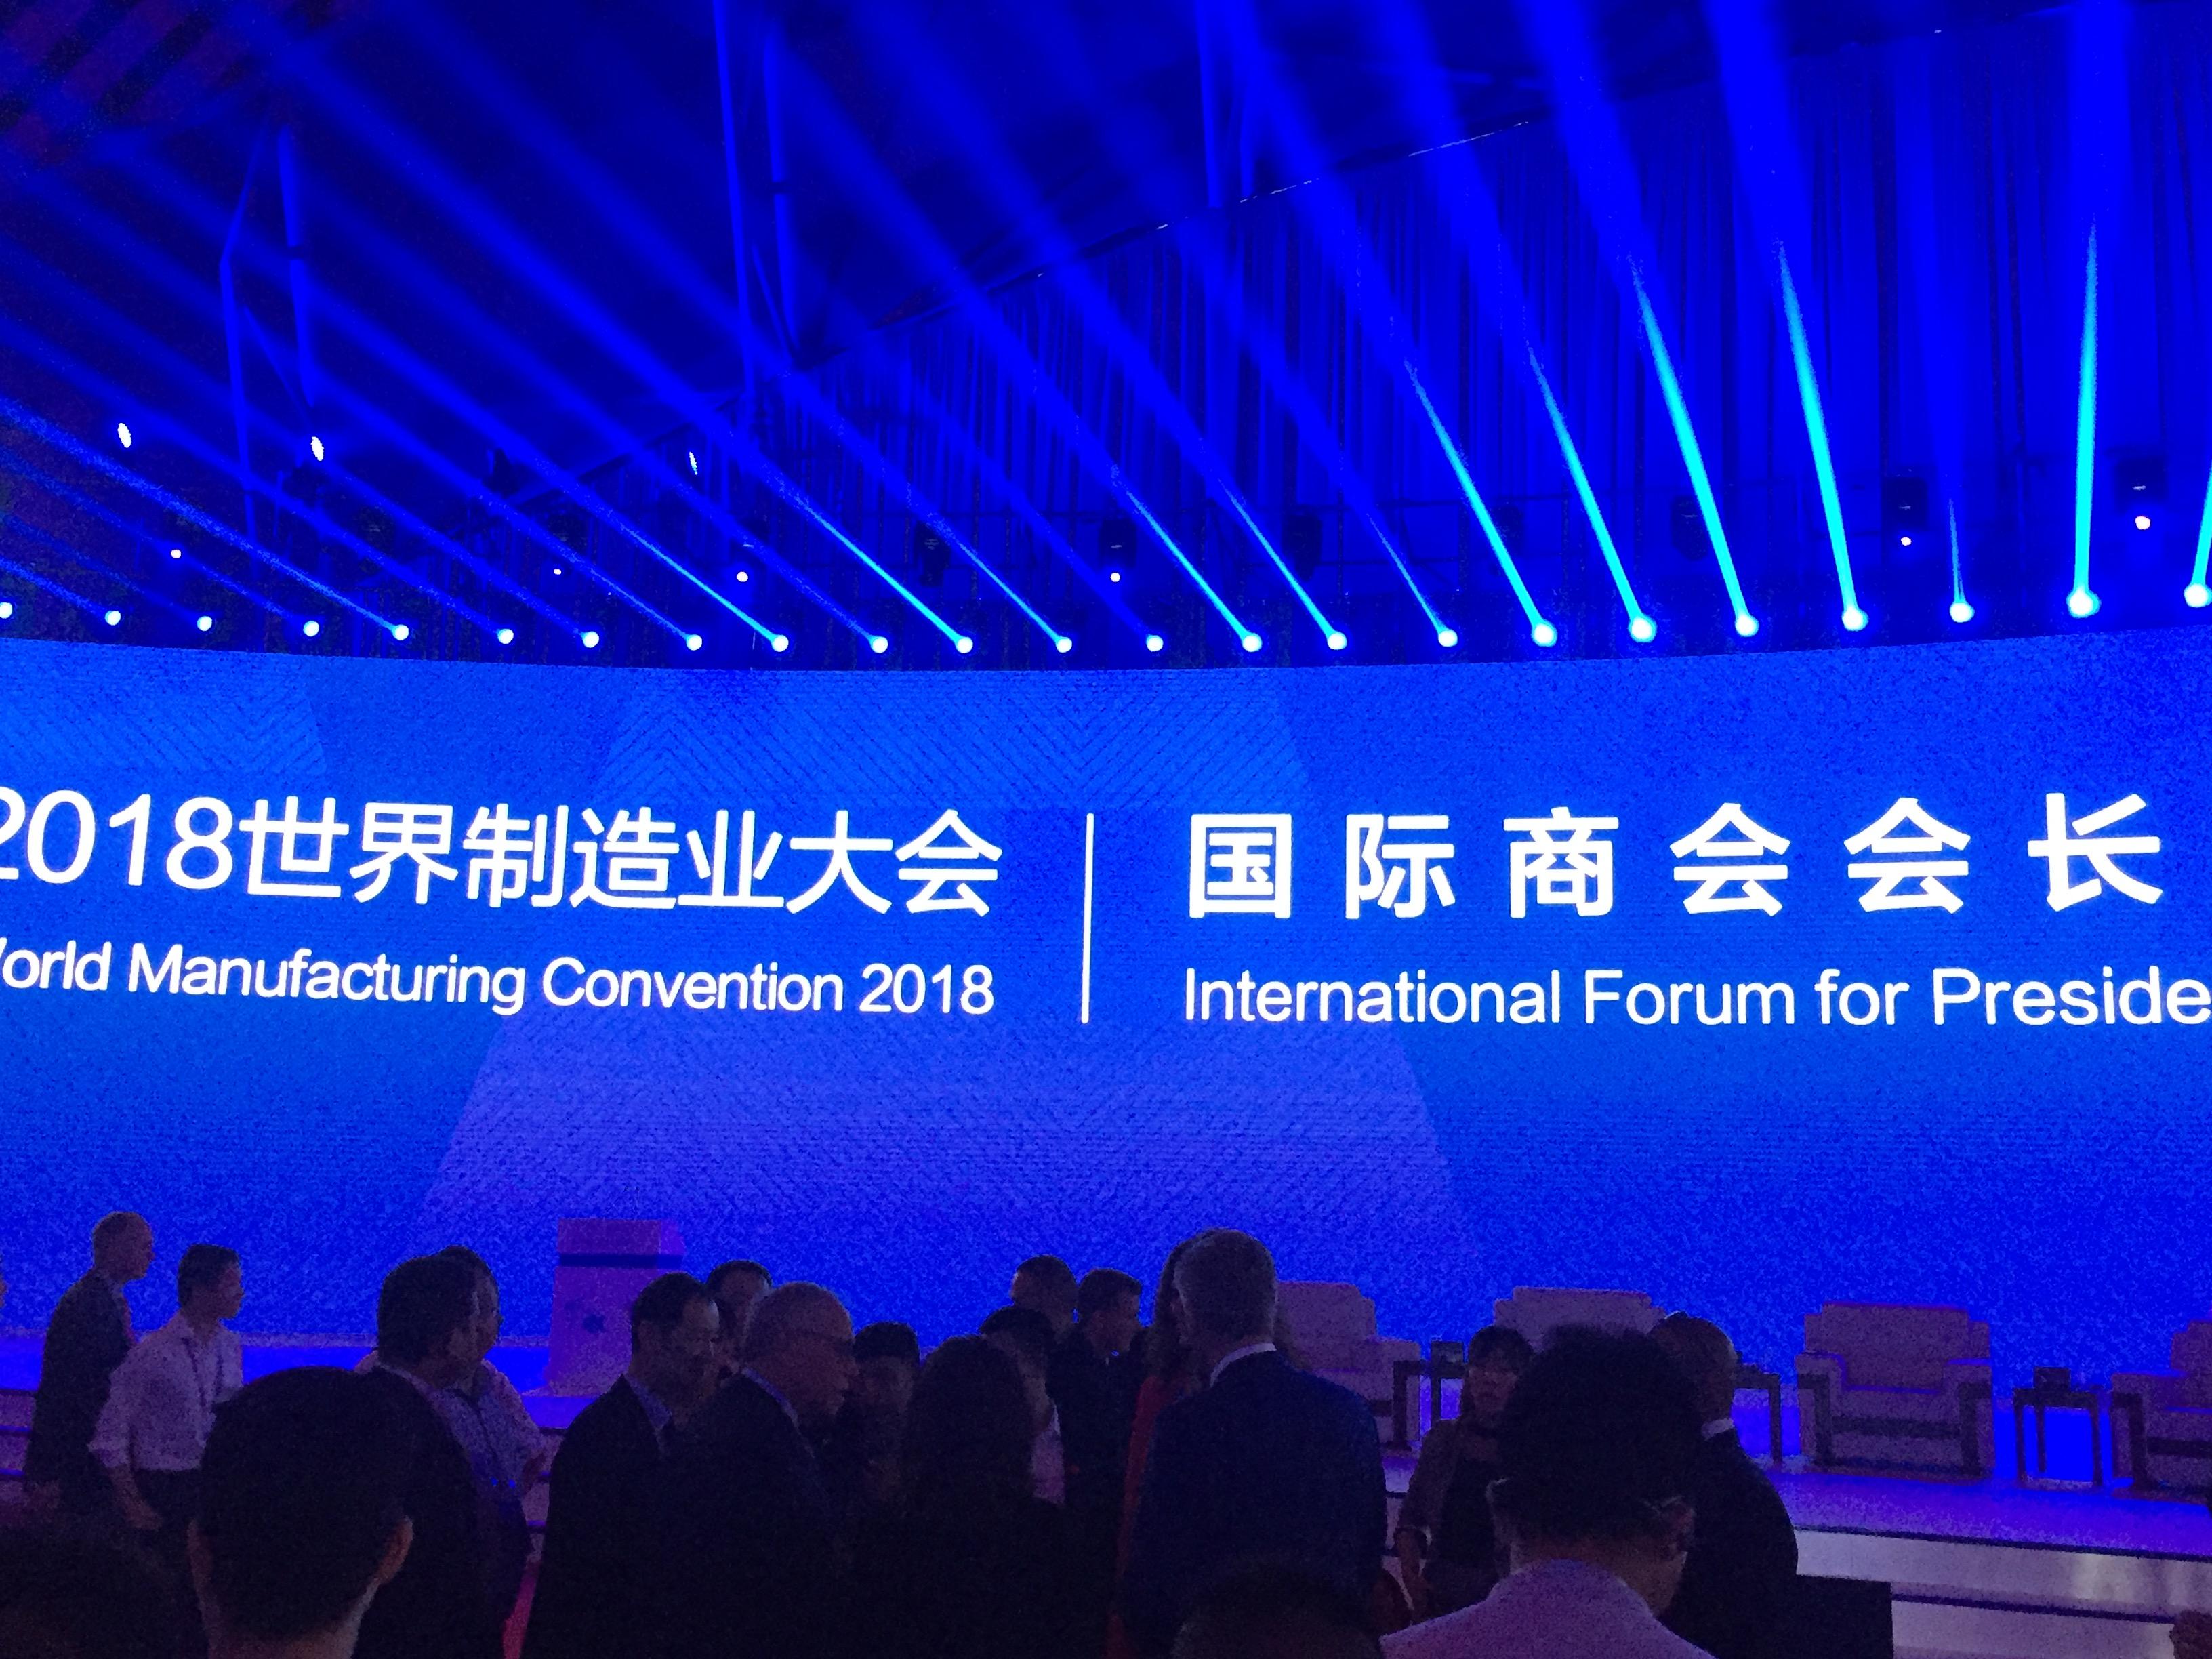 95992828cc手机版受邀参加在安徽合肥召开的《2018世界制造业大会》